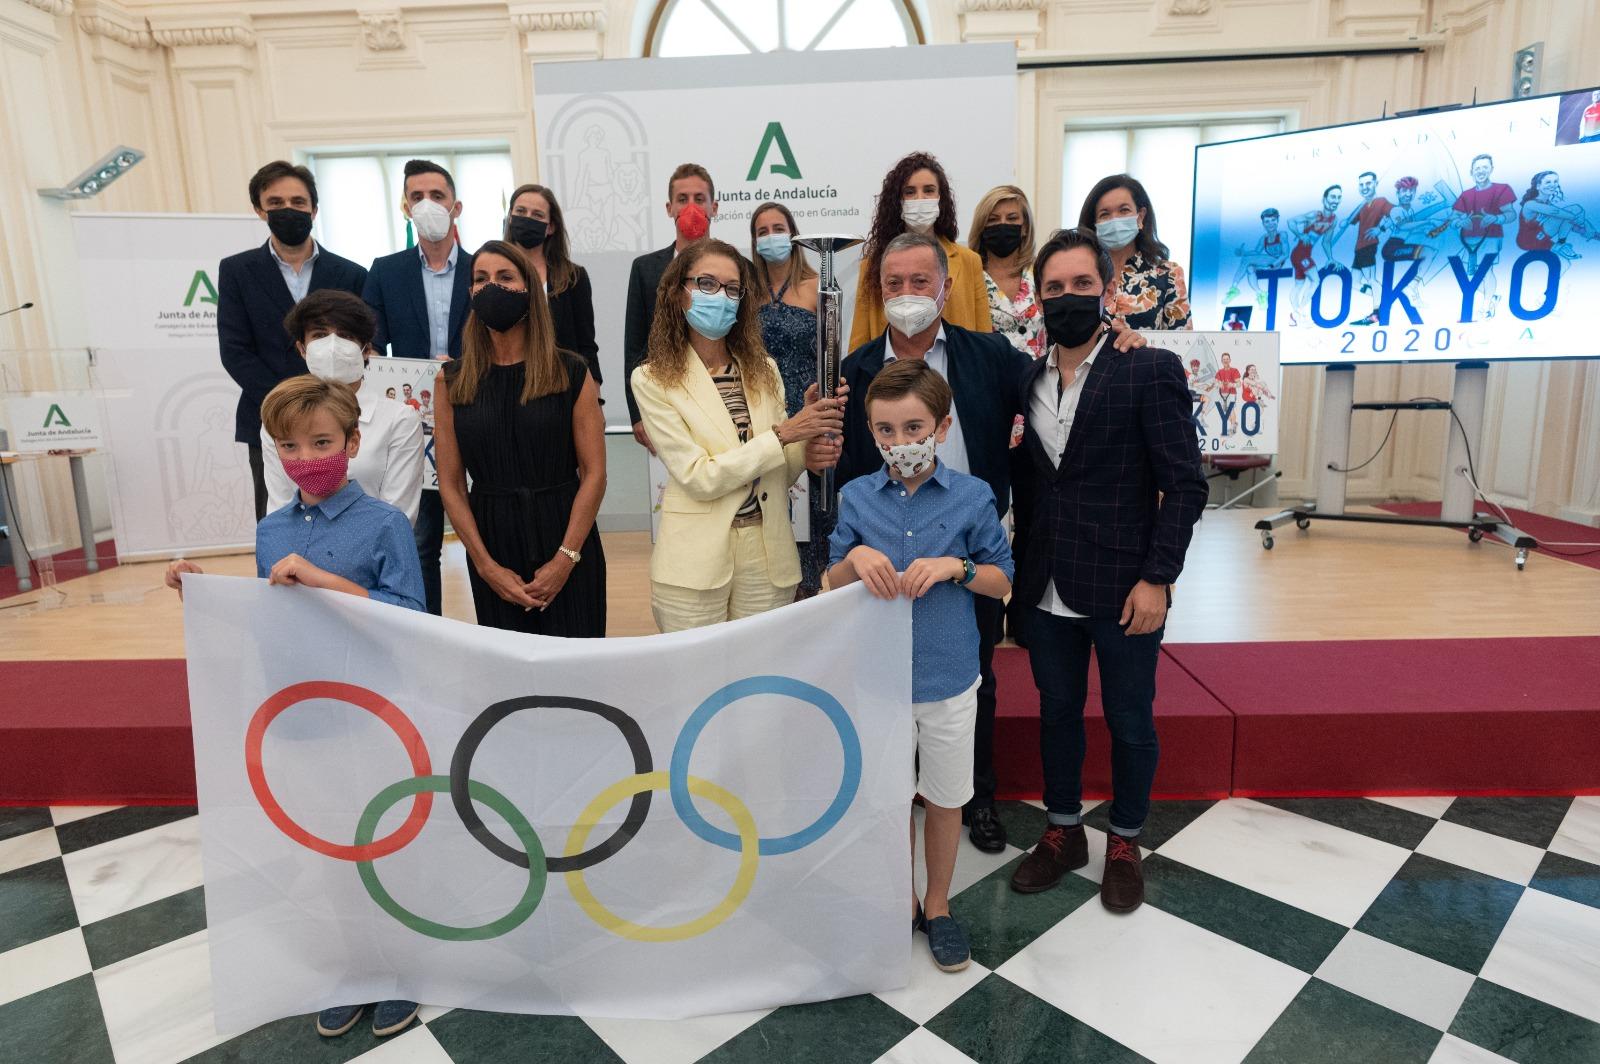 Recepción de Olímpicos Granadinos Tokio 2020 en la Delegación Territorial de Educación en Granada